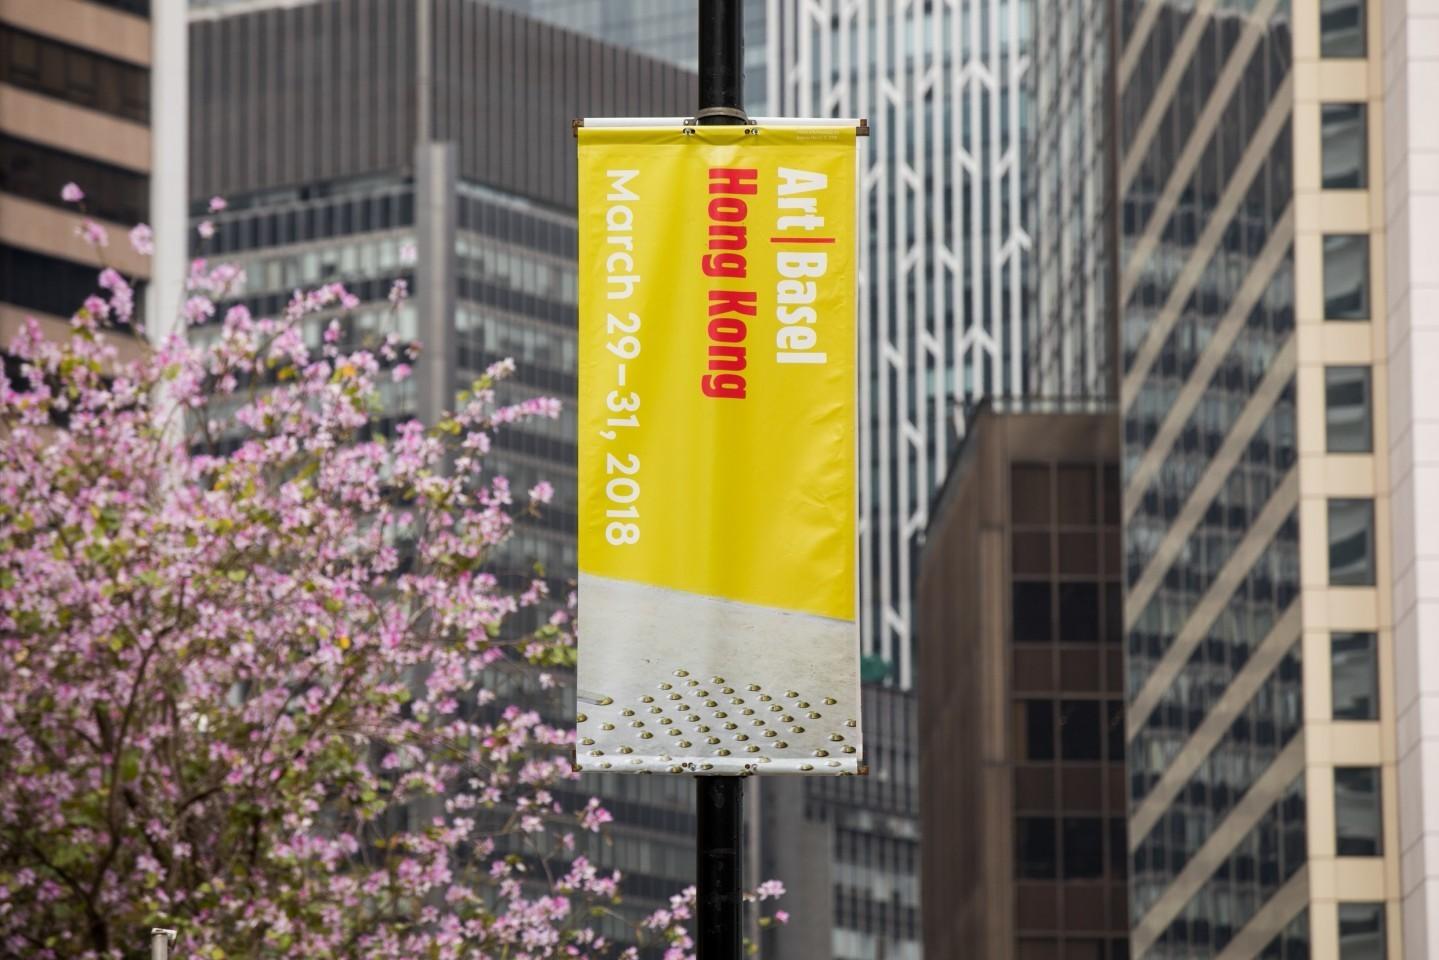 香港维也纳多禄泰拍卖行专访:探索全球艺术品无法一价定律背后原因